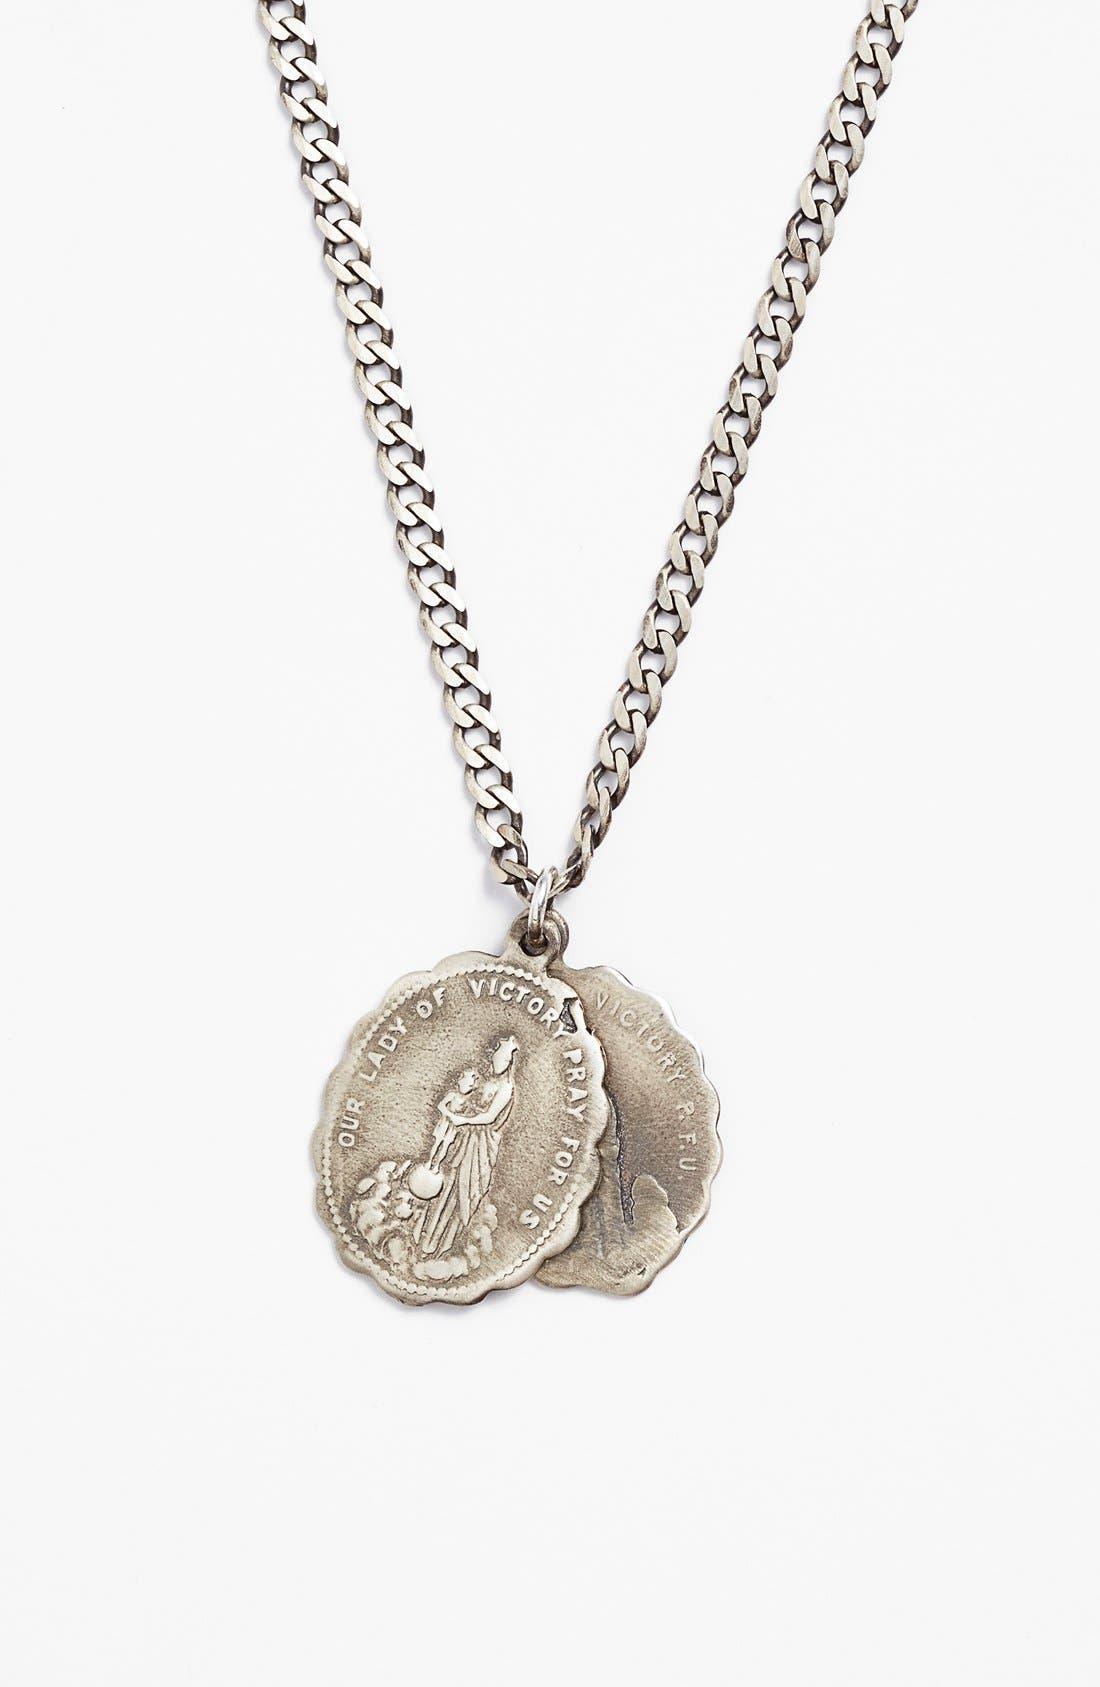 Miansai 'Saints' Pendant Necklace